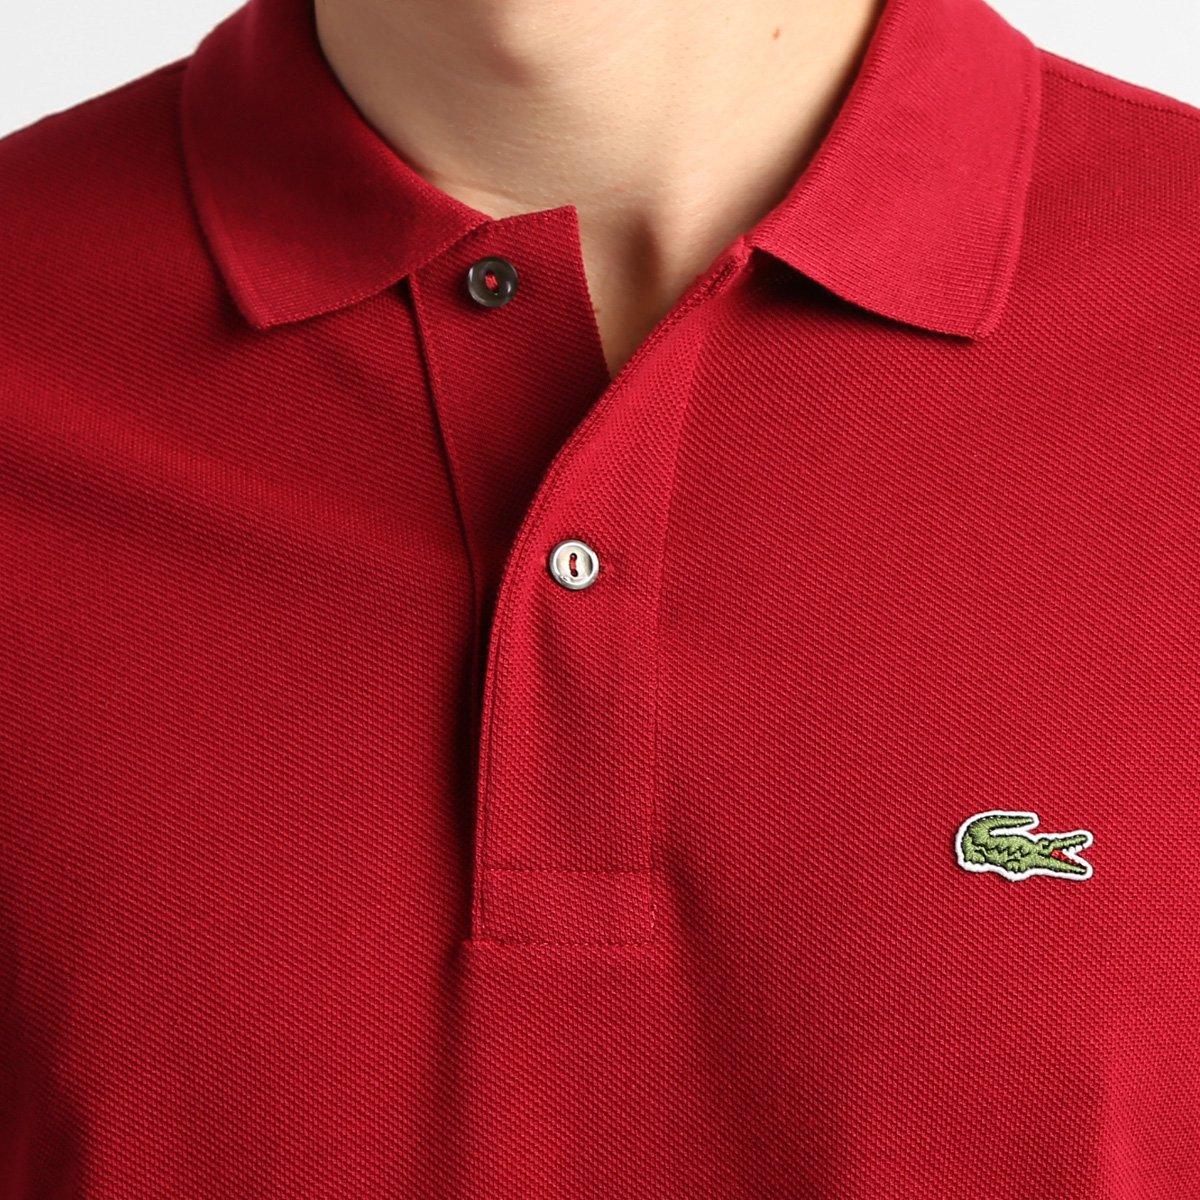 Camisa Polo Lacoste Original Fit Masculina - Bordô - Compre Agora ... 182bd3bd38